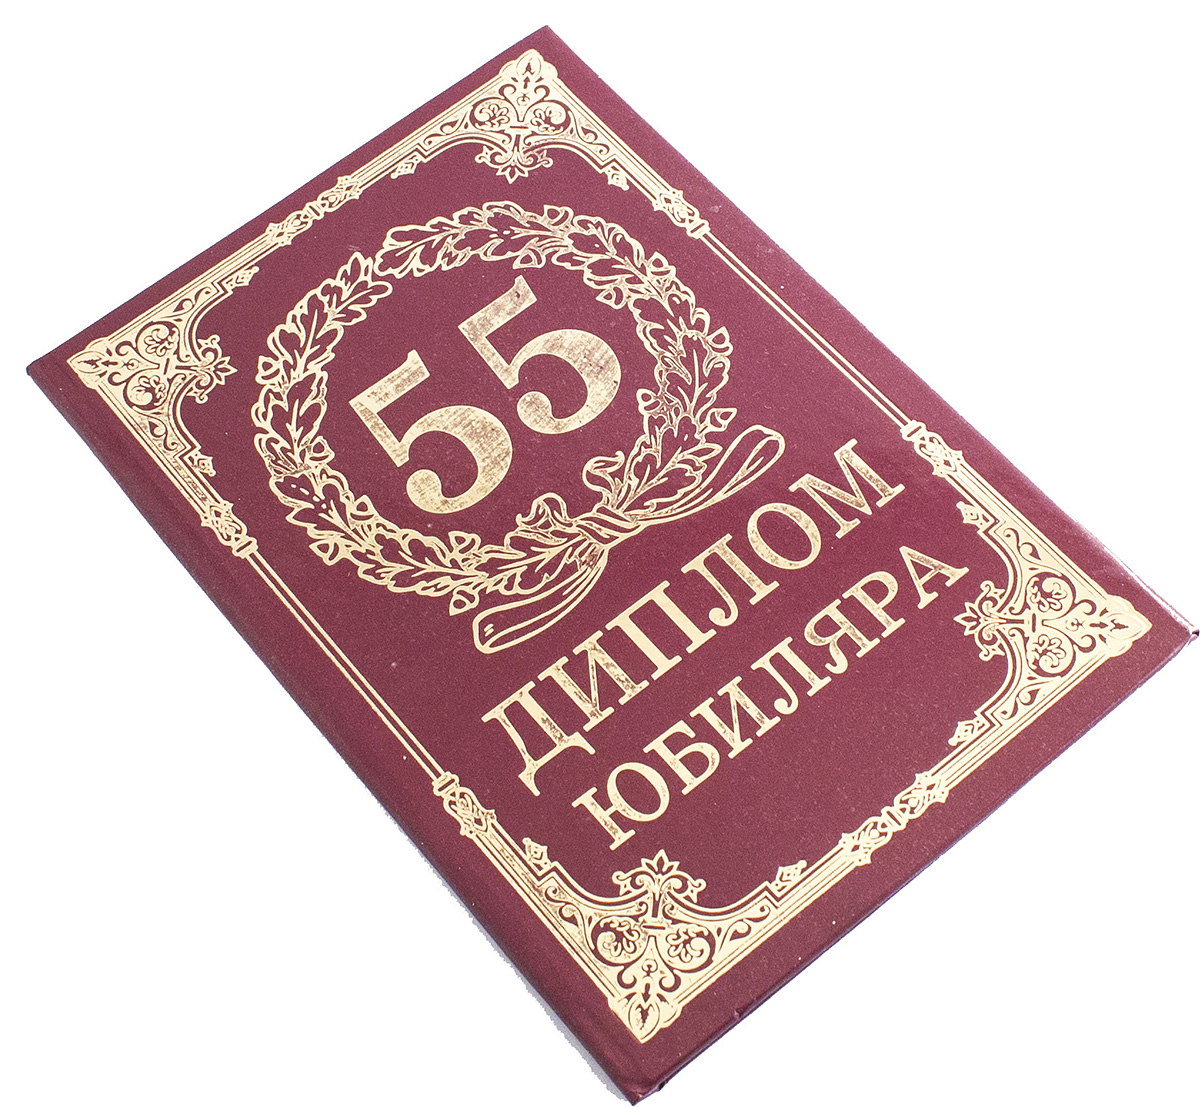 Диплом сувенирный Эврика 55 лет, A6, цвет: красный. 9344793447Красочно декорированный наградной диплом с шутливым поздравлением станет прекрасным дополнением к подарку, подскажет идею застольной речи или тоста, поможет выразить тёплые чувства к адресату. Диплом выполнен из картона, полиграфически оформлен и украшен золотым тиснением. Диплом поставляется с дополнительной индивидуальной упаковки.